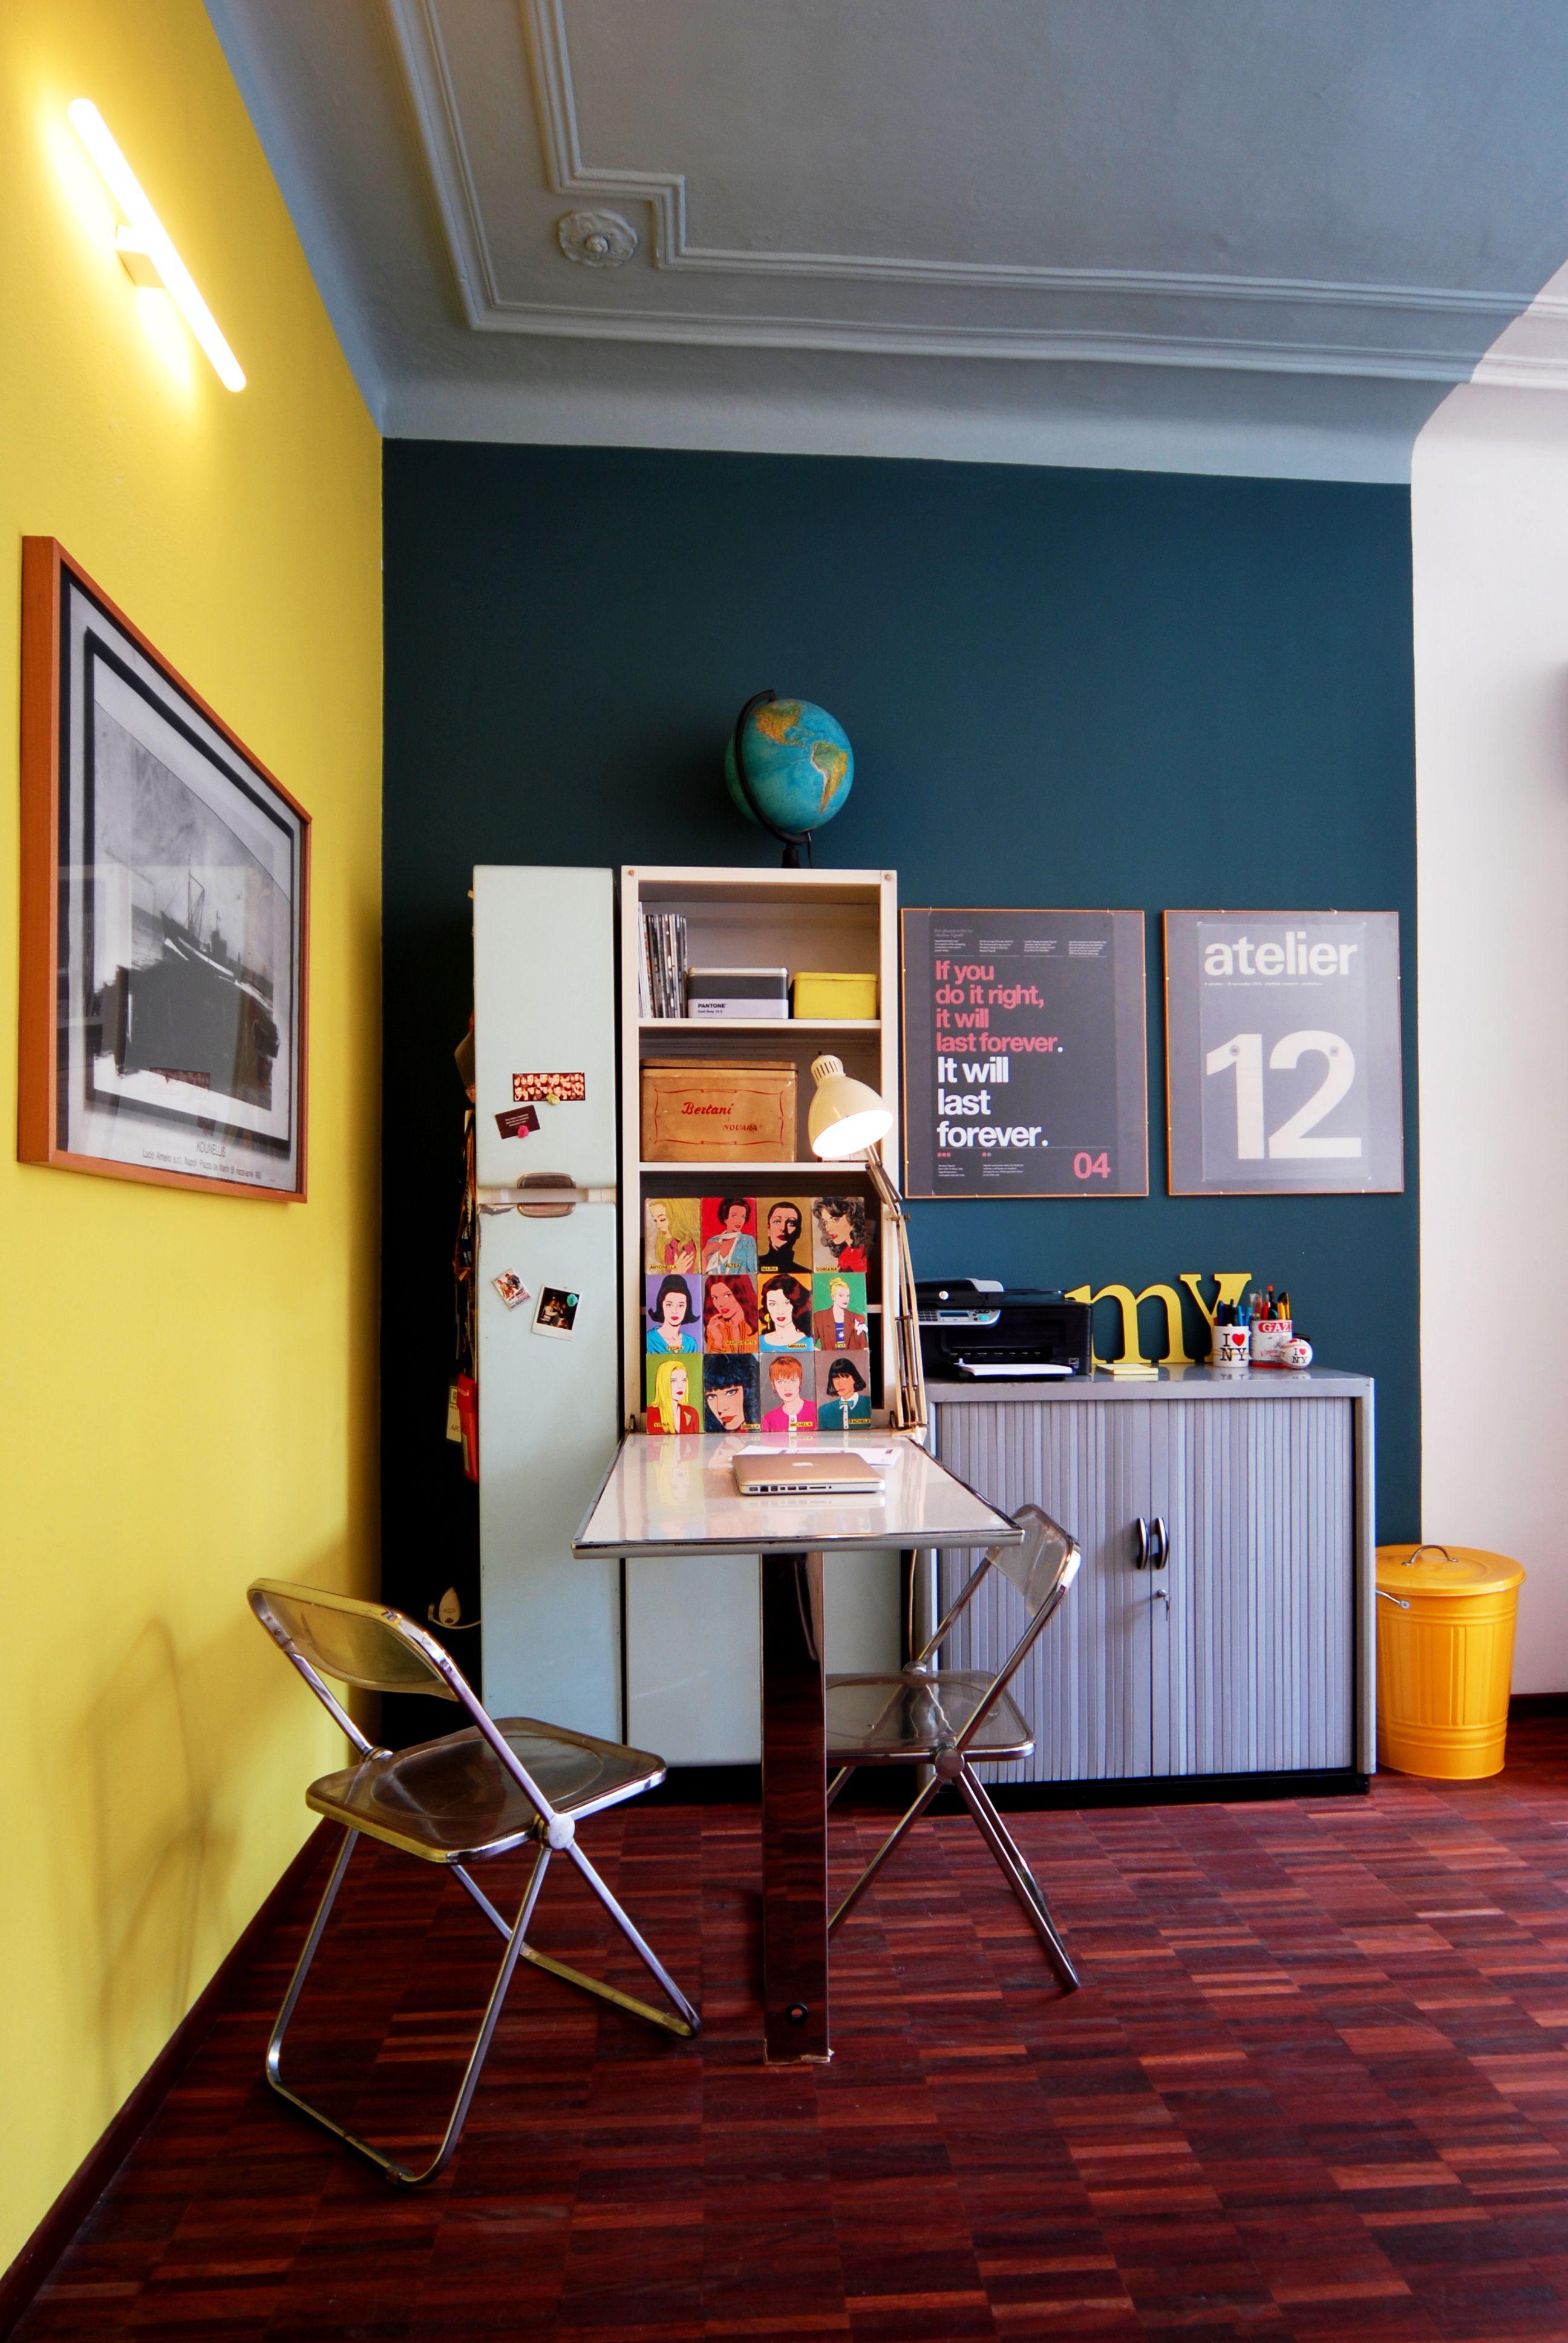 Lorena masdea ristrutturazione low cost appartamento vintage milano studio 5 my favourite - Mobili da giardino low cost ...